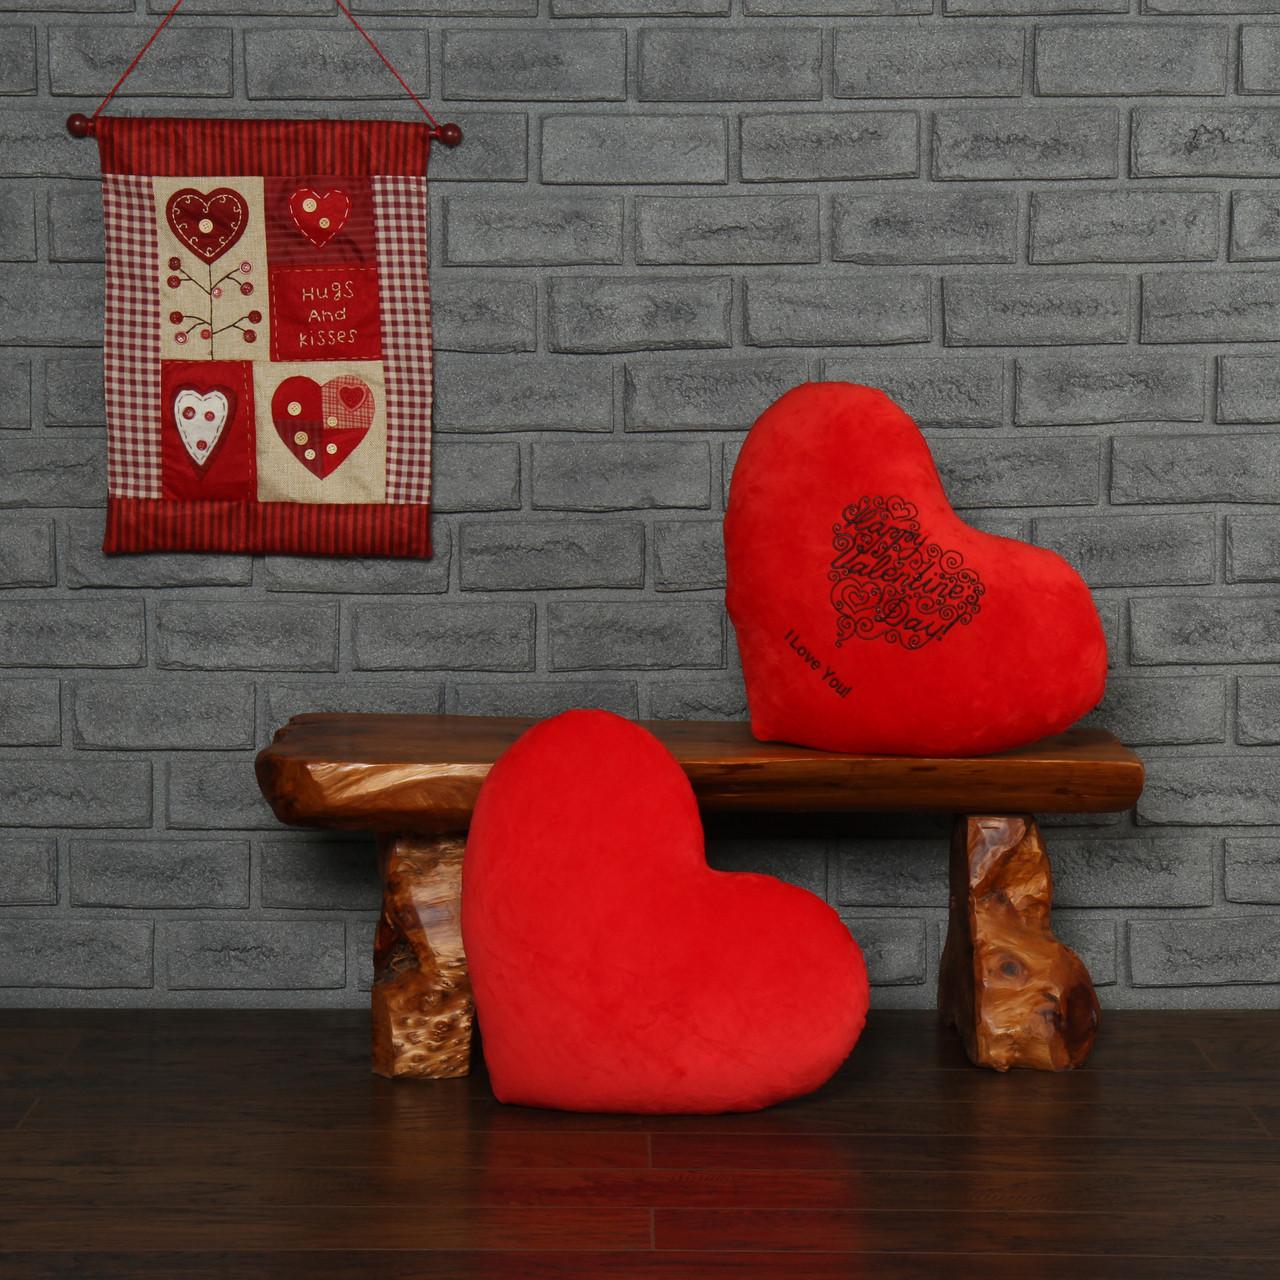 Plain Red Heart Pillow